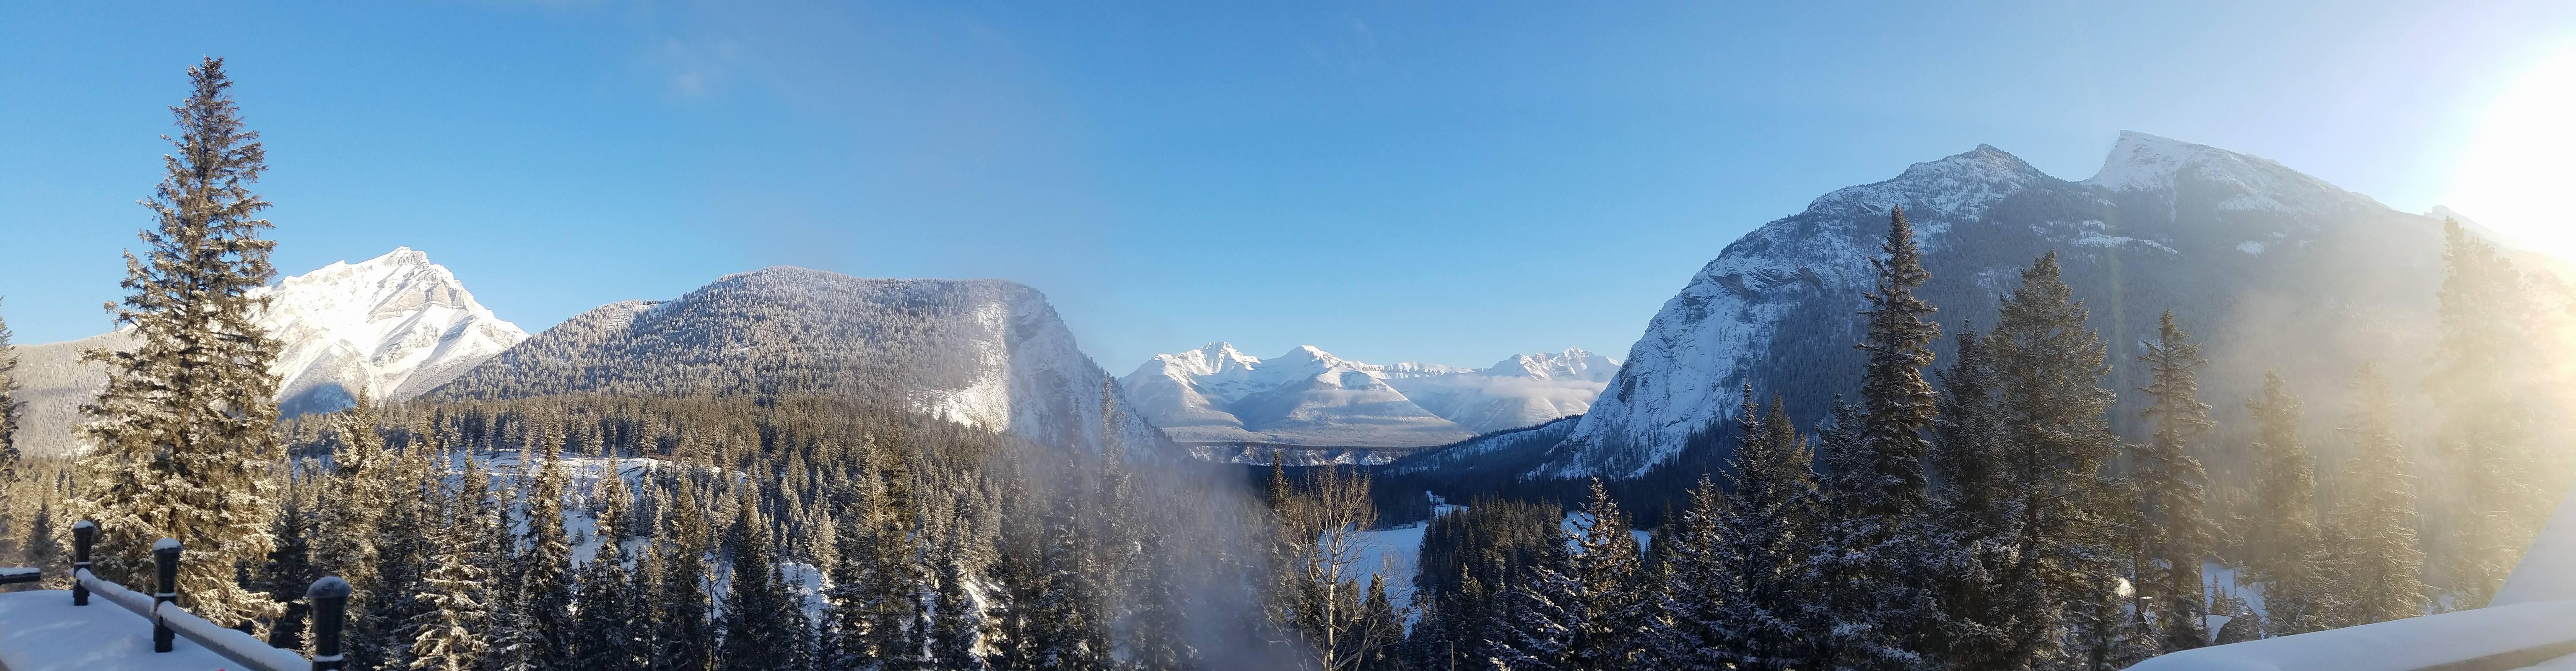 Banff Christmas